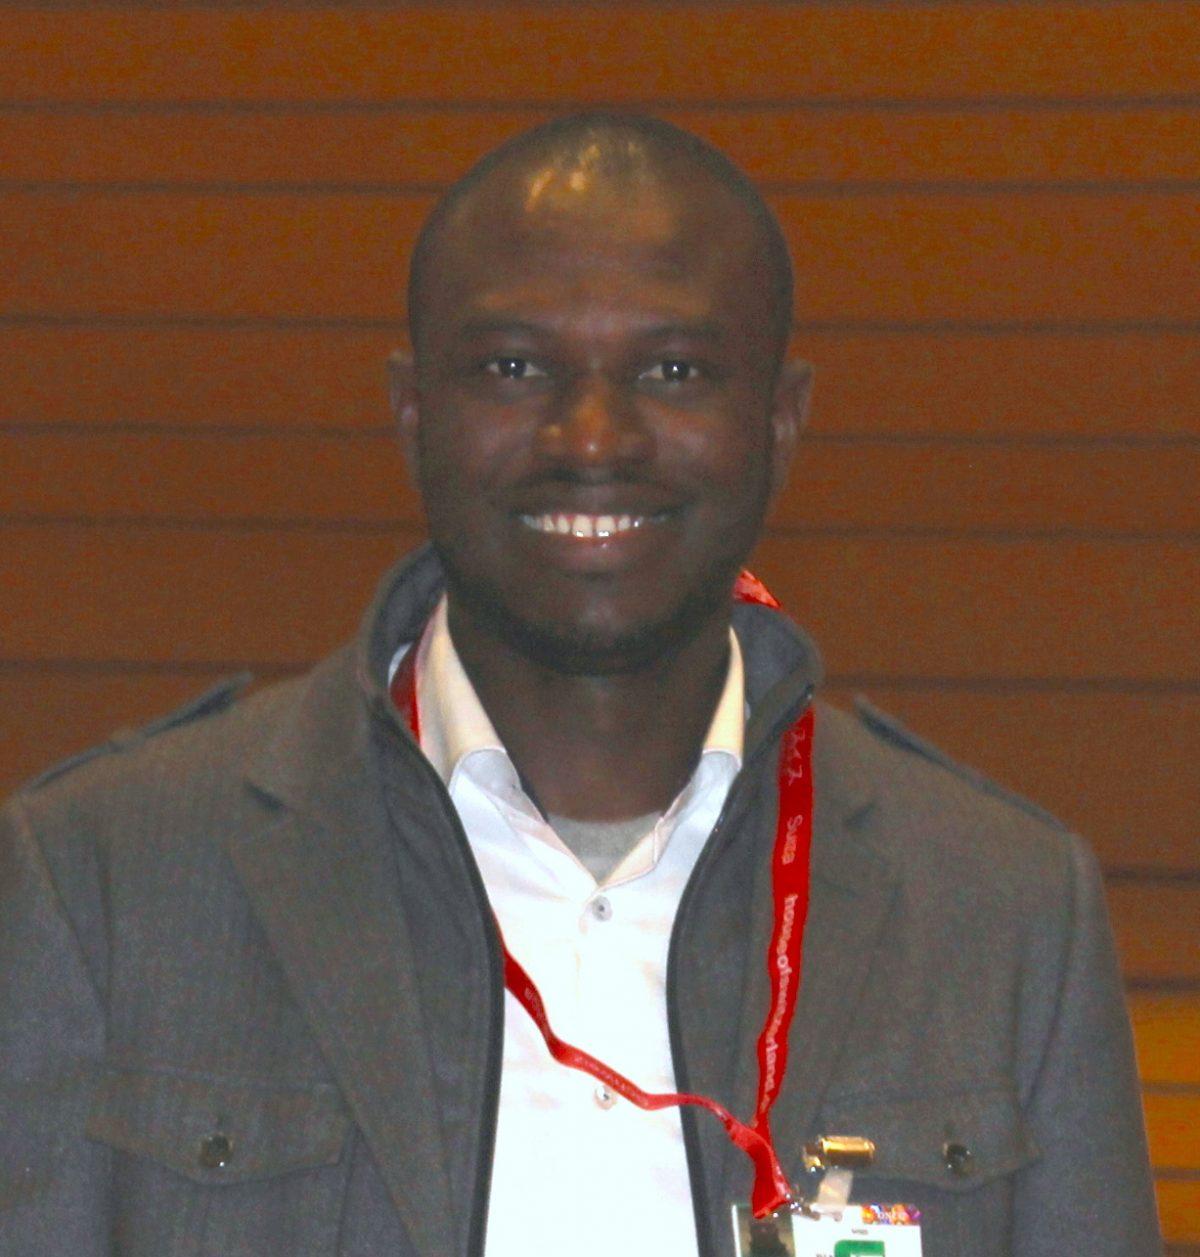 Ramanou S. Biaou